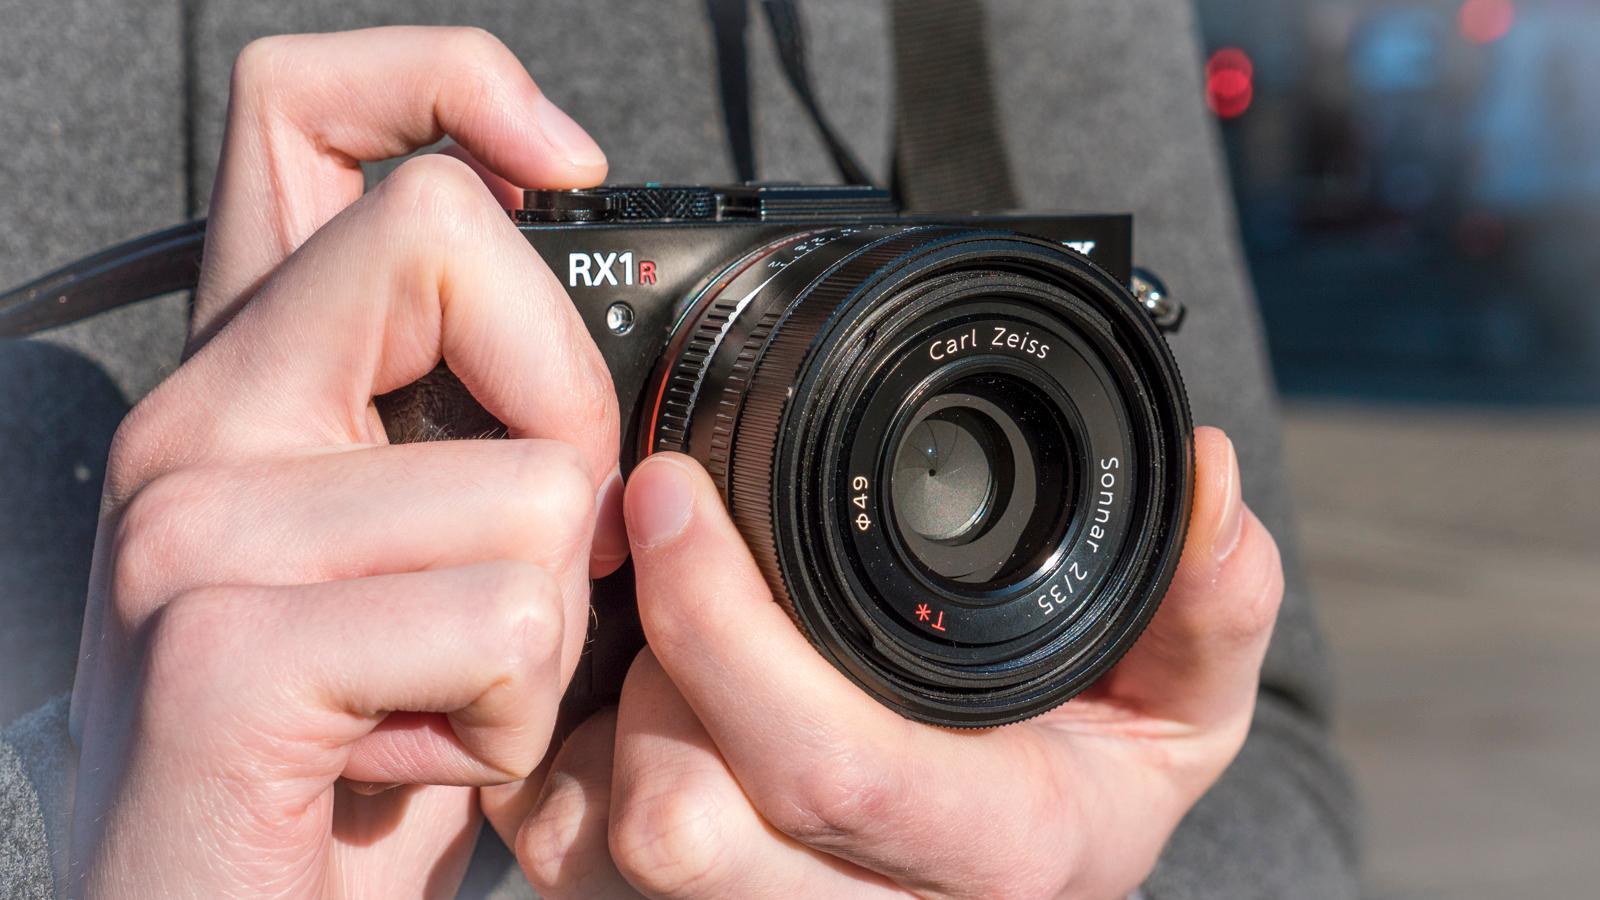 Er RX1R II et kompaktkamera? Det blir et definisjonsspørsmål, men med en vekt på godt over halvkiloen er det i alle fall et stort kompaktkamera.